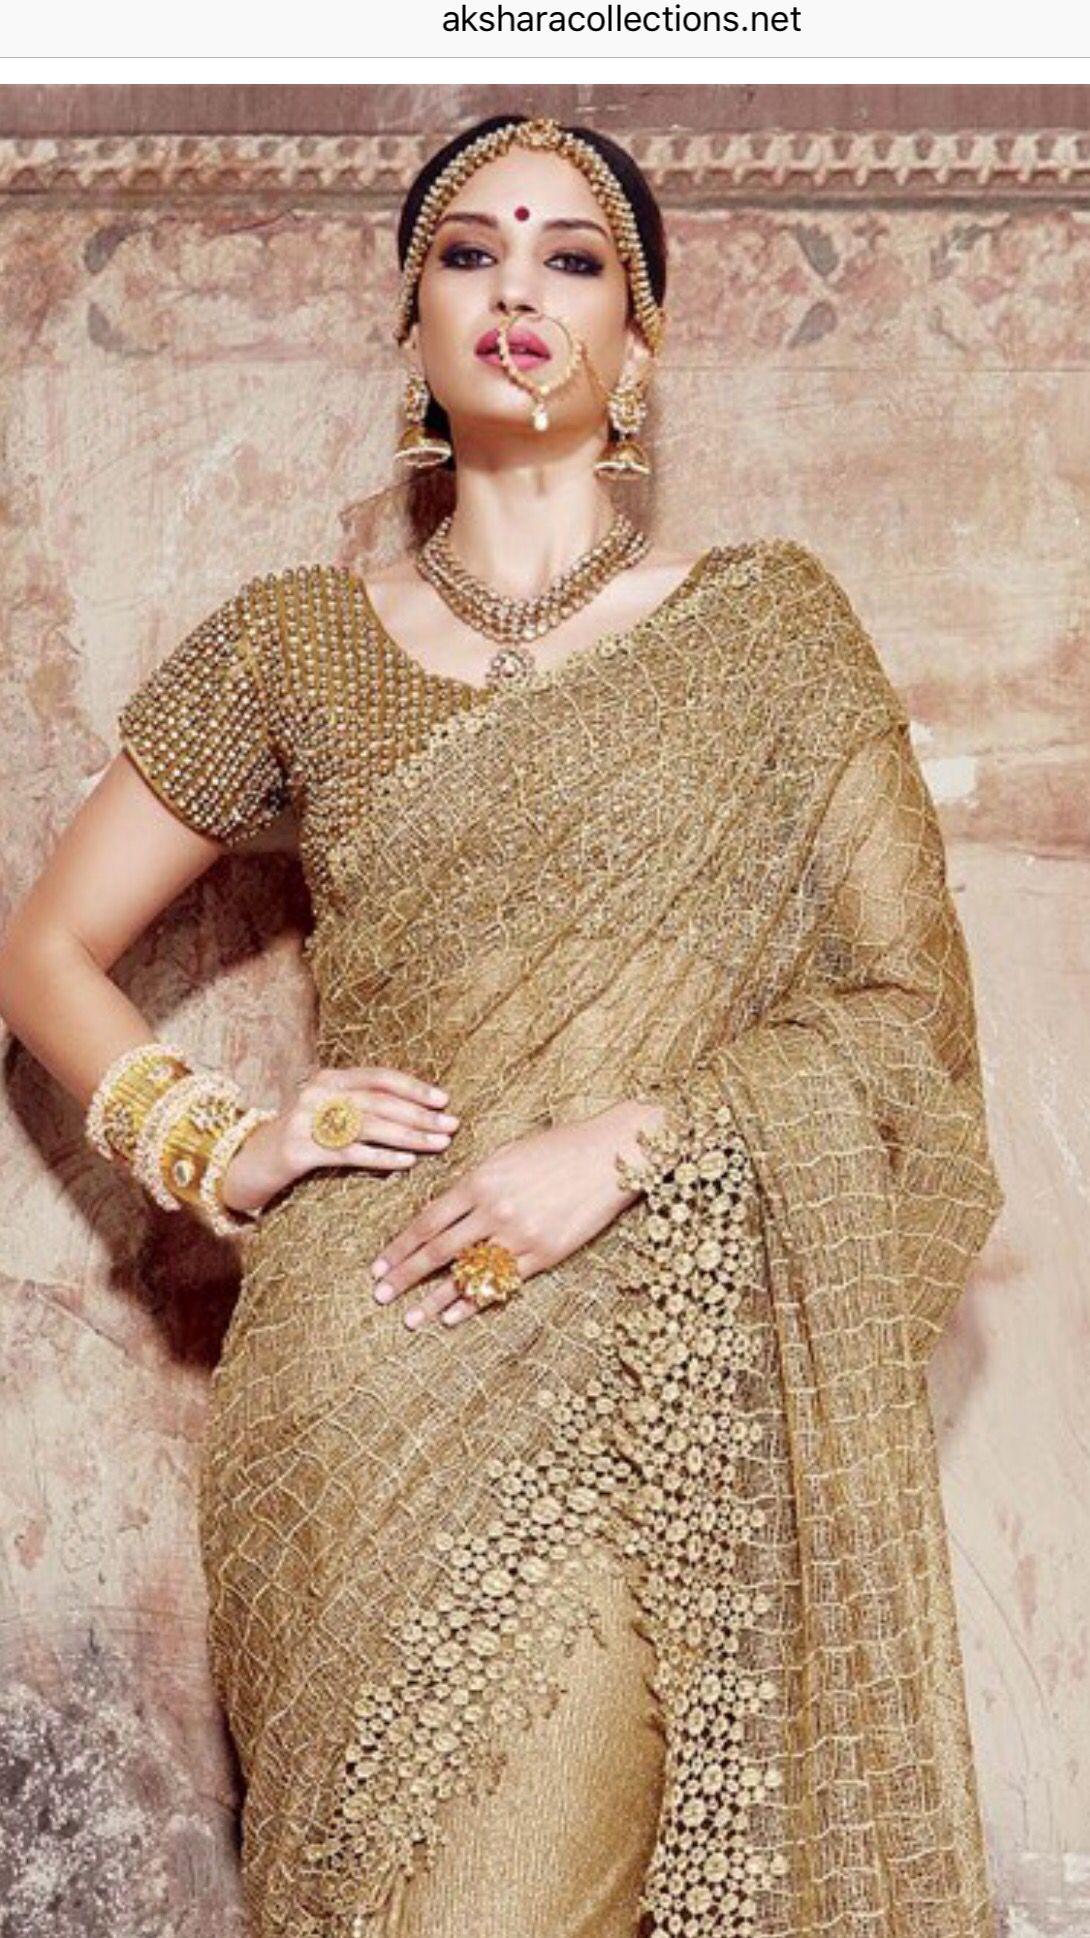 c276cb8abd Golden net saree | Ethnic burst in 2019 | Saree, Golden saree ...